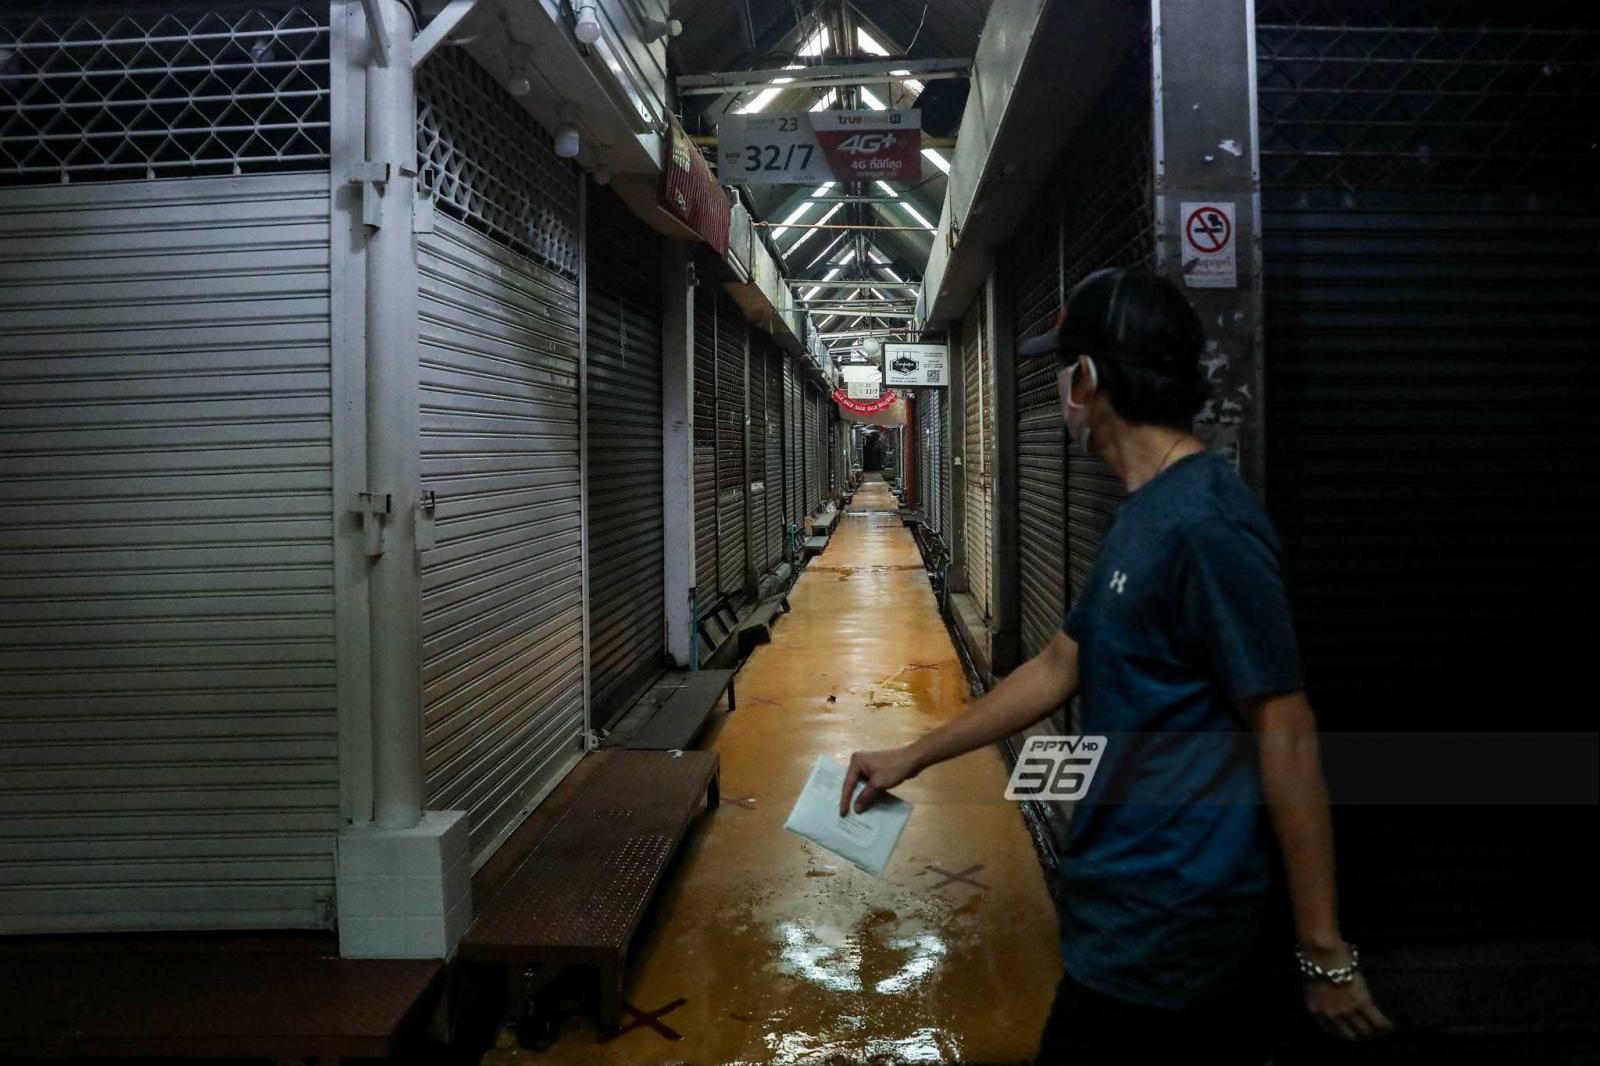 เศรษฐกิจไทยสายตาต่างชาติ เอดีบี หั่นคาดการณ์เติบโต บลูมเบิร์ก มอง โตช้าสุดในเอเชีย